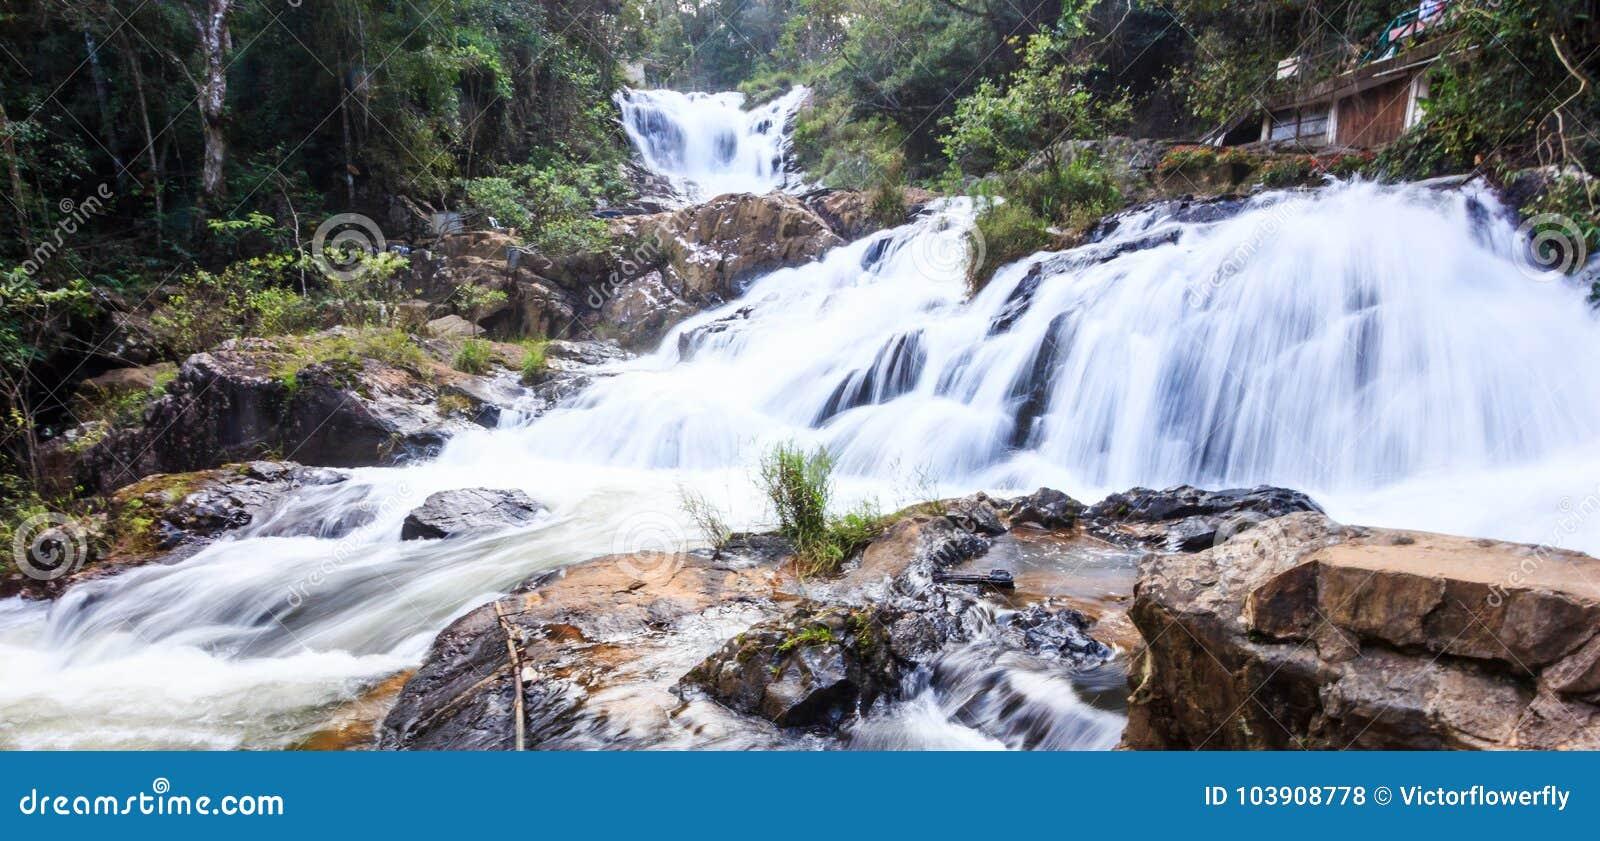 Härlig naturlig panorama- kaskadsikt av Datanla vattenfall, nära den Dalat staden, Vietnam, Asien